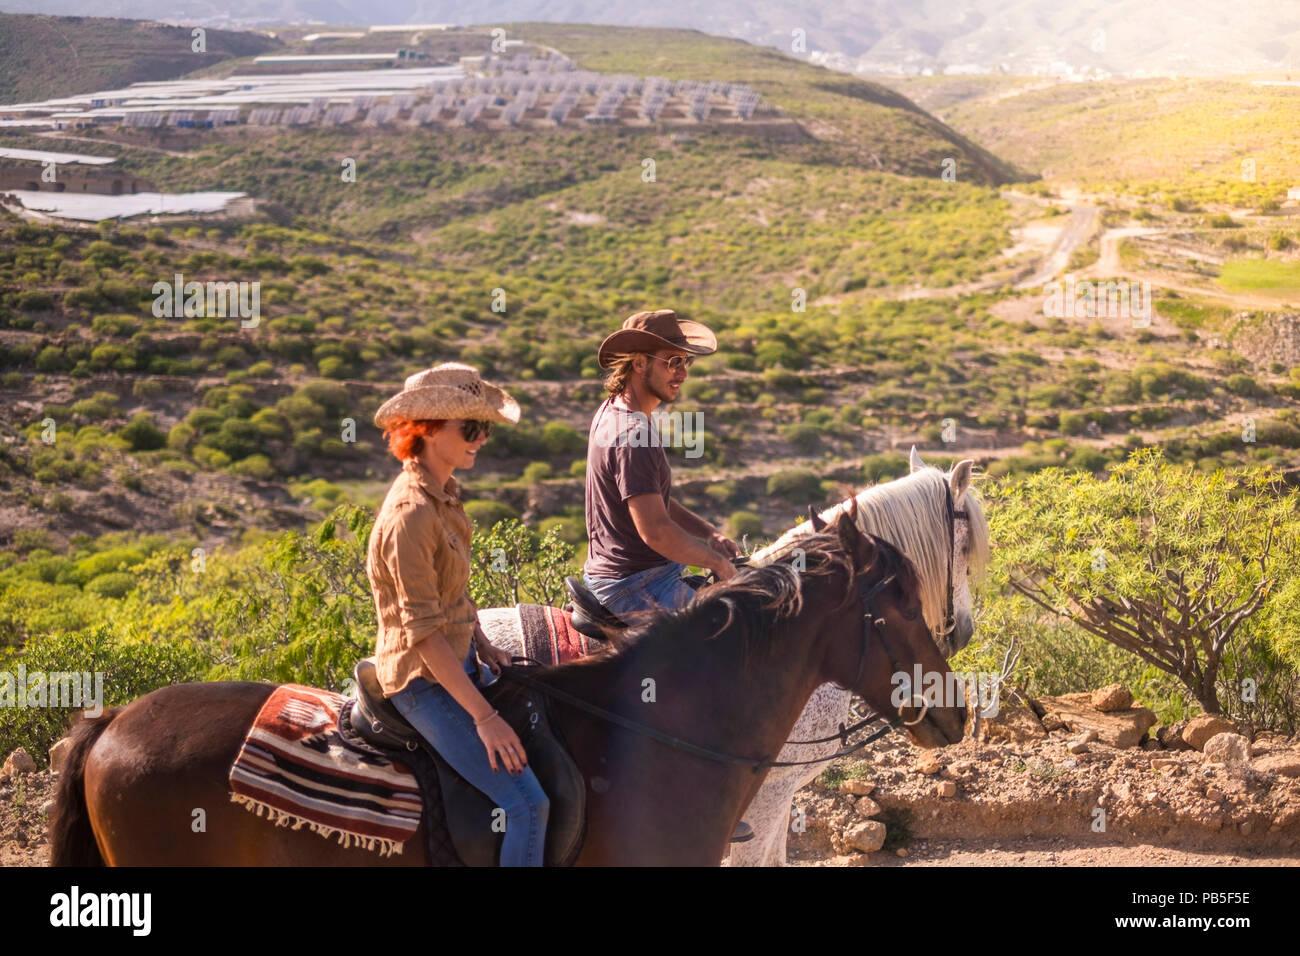 Paar rider Mann und Frau mit braunen und weißen Pferde gehen und den Outdoor Freizeitaktivitäten Aktivität in Ausflug reisen die Berge genießen. Moderne cowbo Stockbild